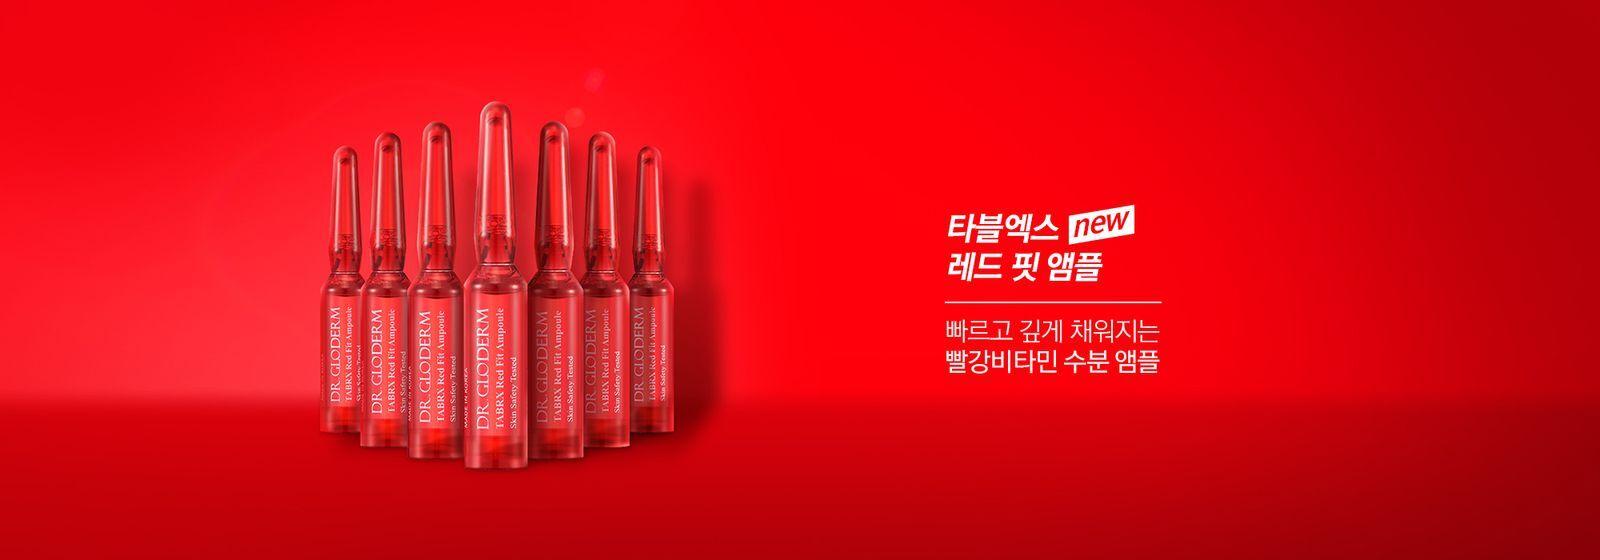 Эссенция для лица Dr.Gloderm Tabrx Red Fit Ampoule, увлажняющая, в ампулах, 2 мл х 10 шт